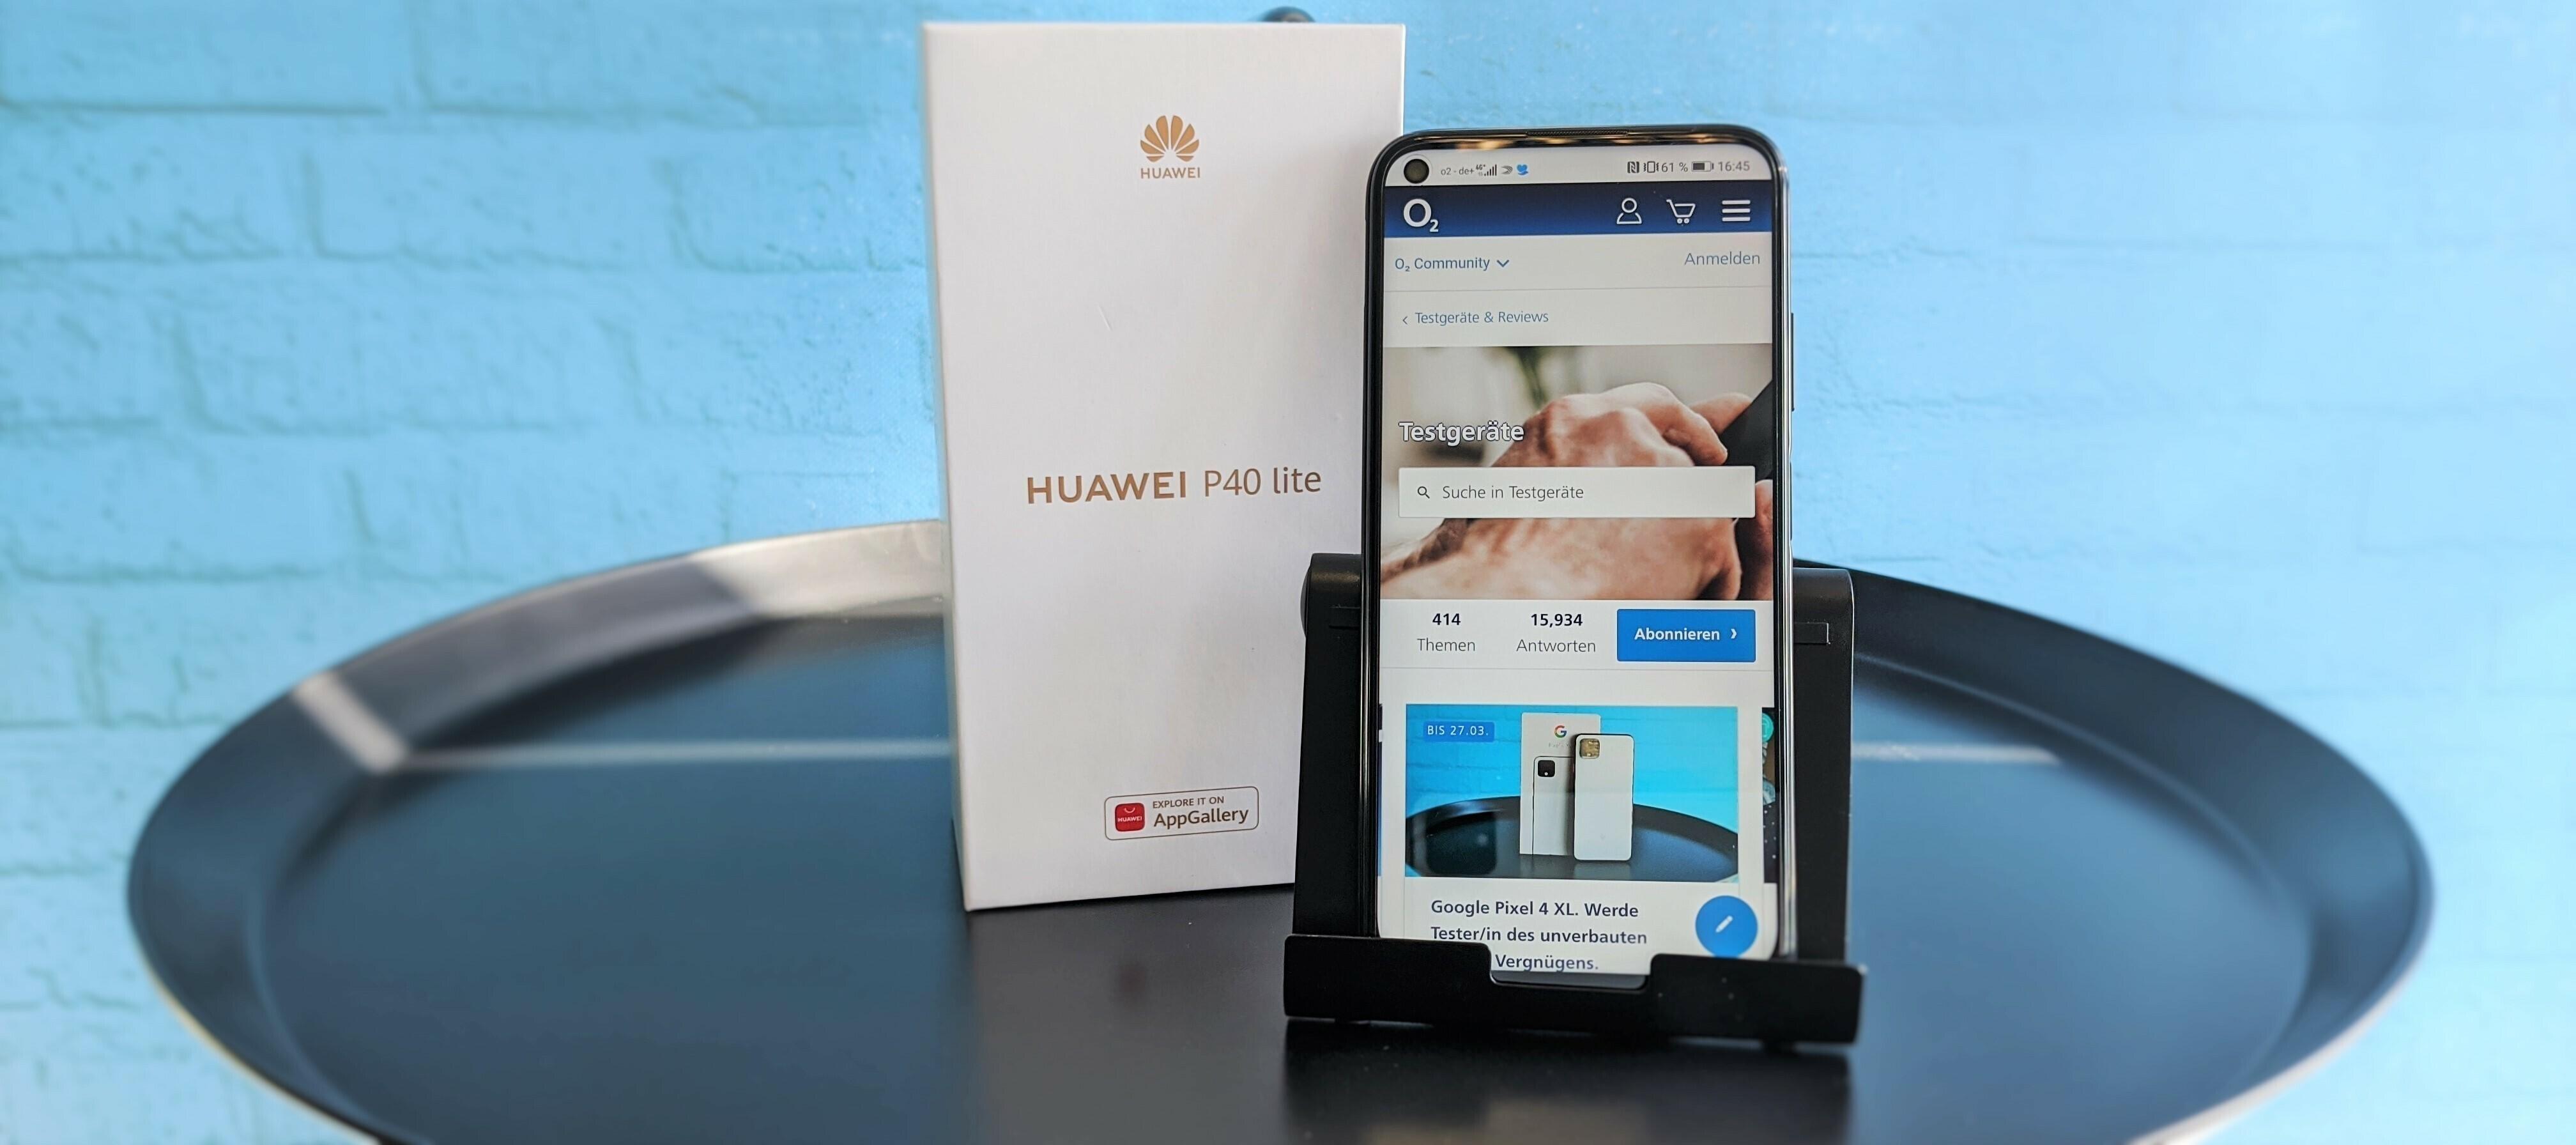 Huawei P40 lite Produkttest gesucht - entdecke die Huawei AppGalery - jetzt bewerben!